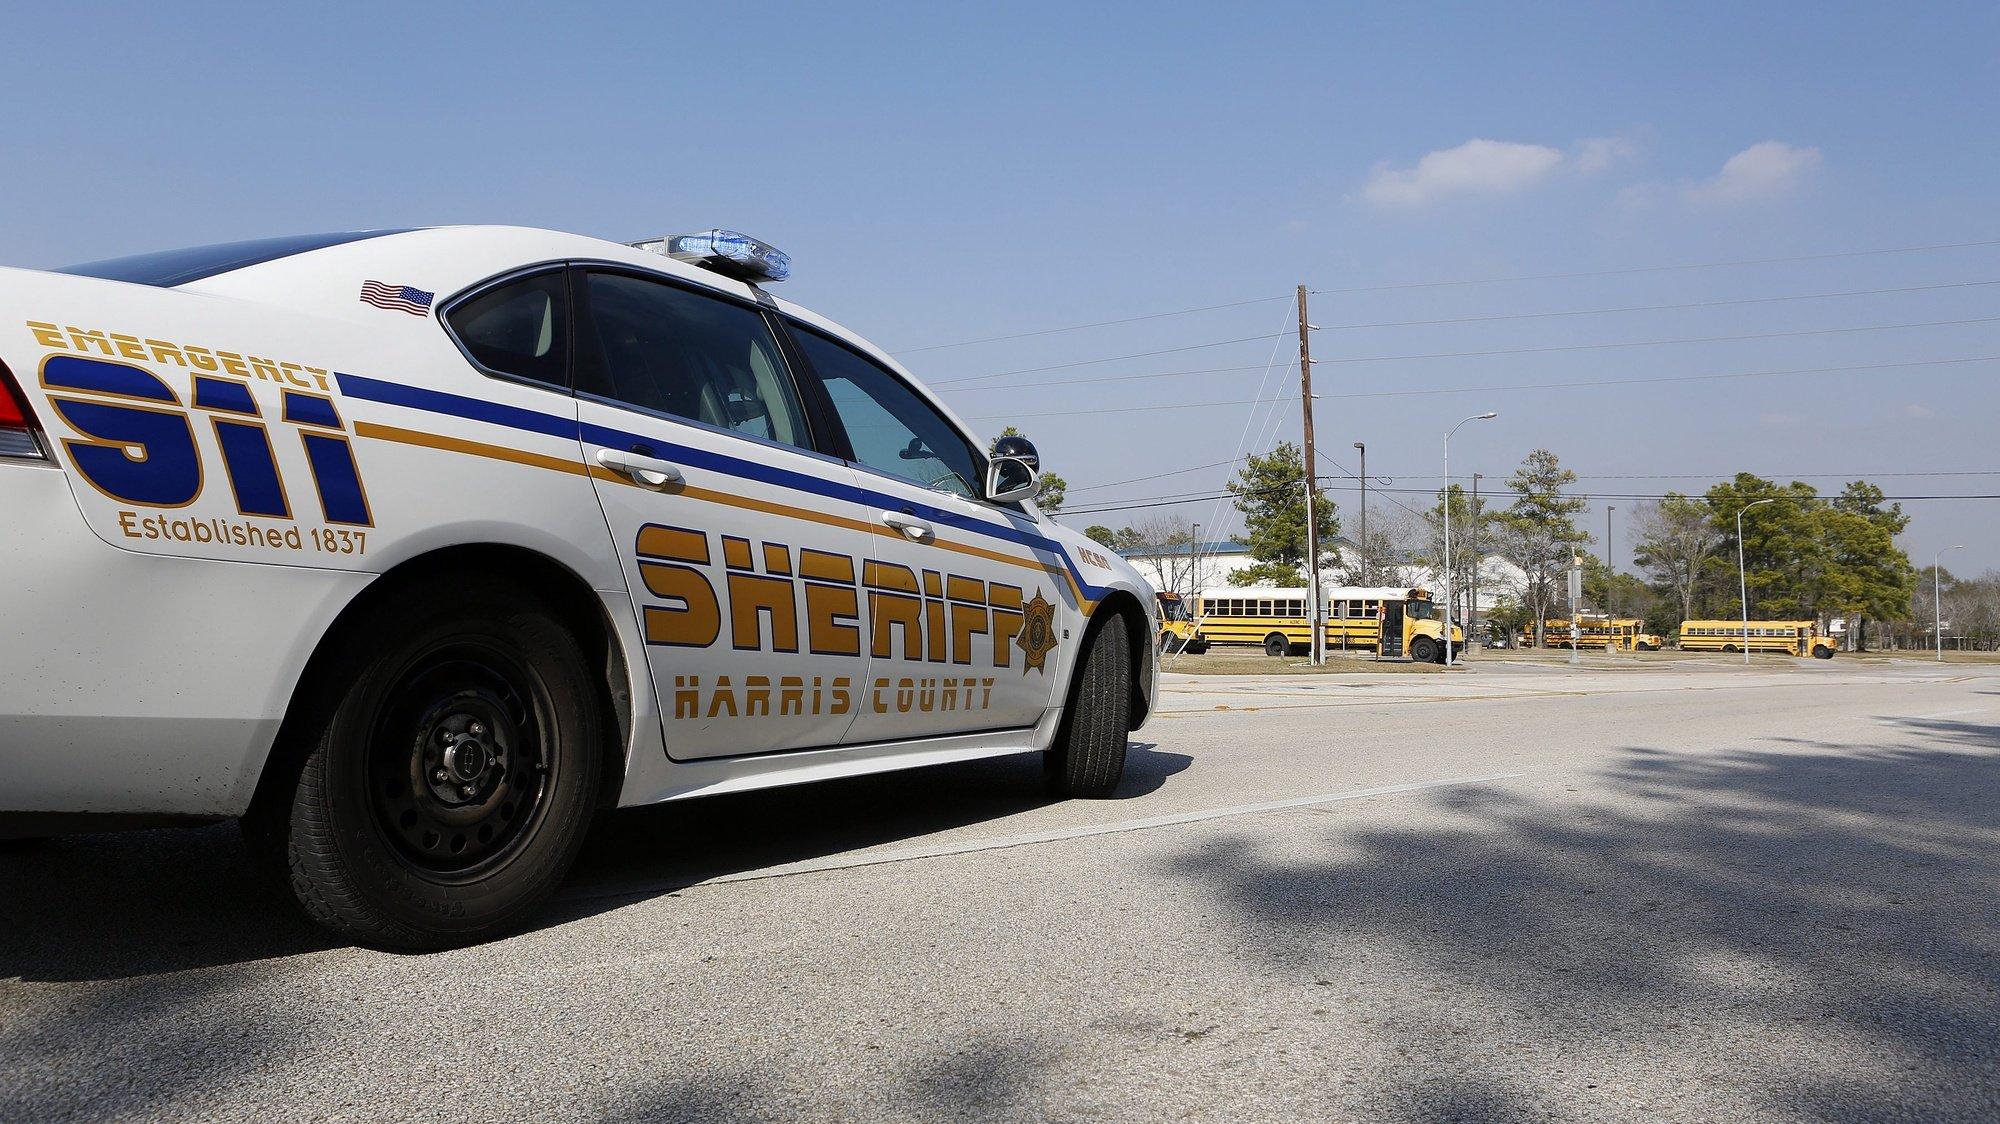 Carro de patrulha da polícia em Houston, Texas, EUA, 22 de janeiro de 2013. EPA/AARON M. SPRECHER